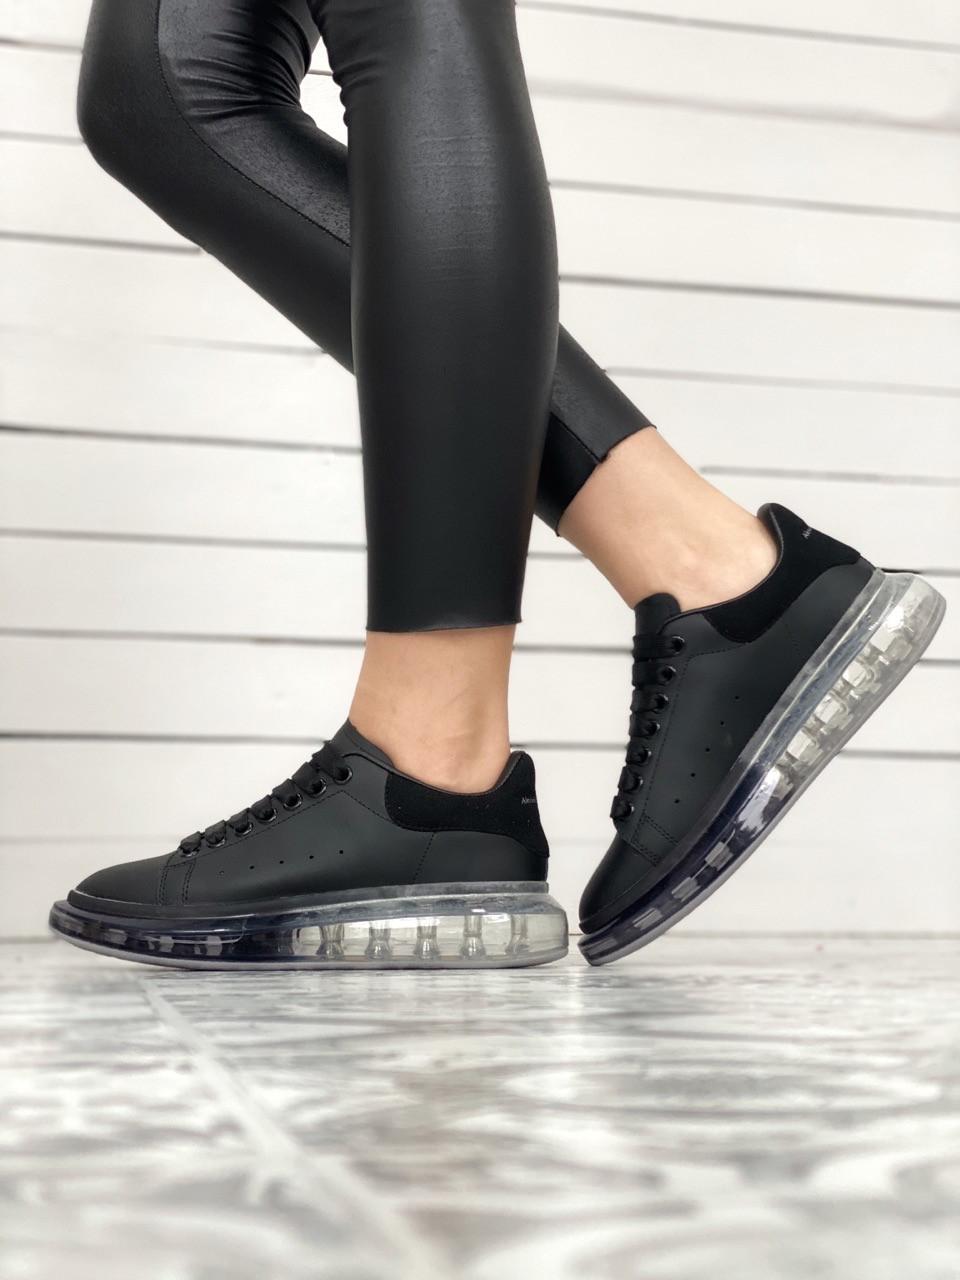 Стильны кроссовки Alexander McQueen Black (Александр Маквин) LUX QUALITY